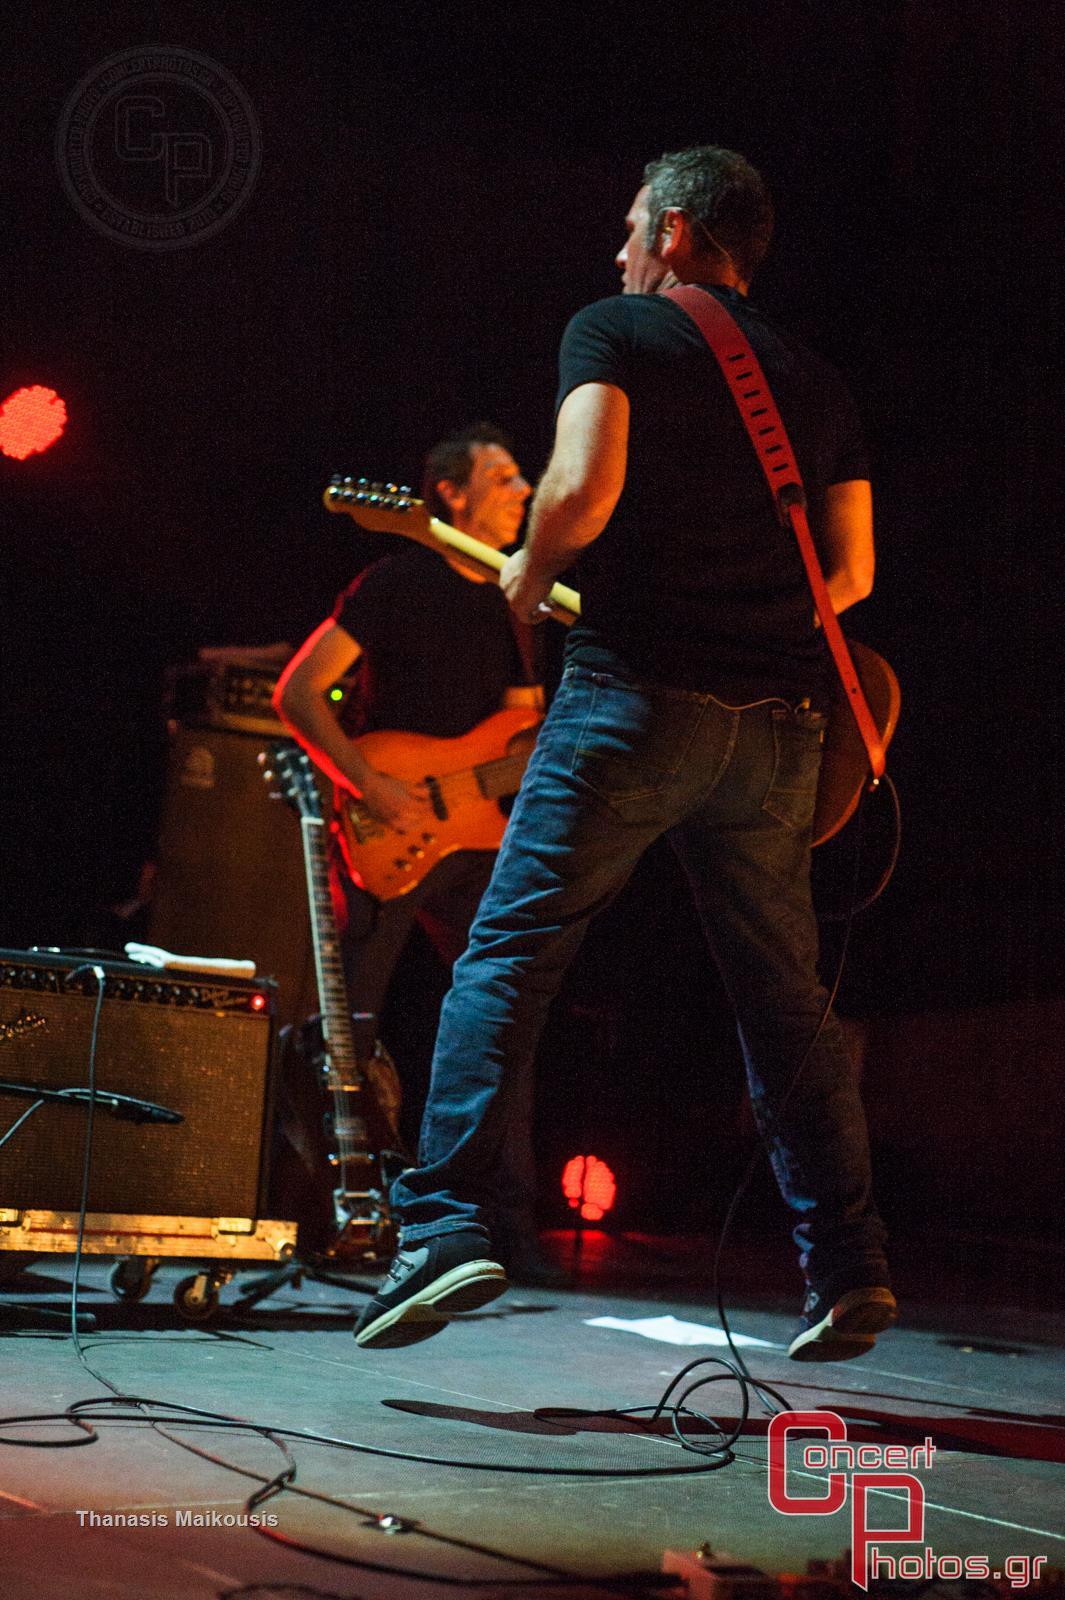 Παύλος Παυλίδης-Pavlidis-stage-volume1 photographer: Thanasis Maikousis - concertphotos_20140611_22_38_55